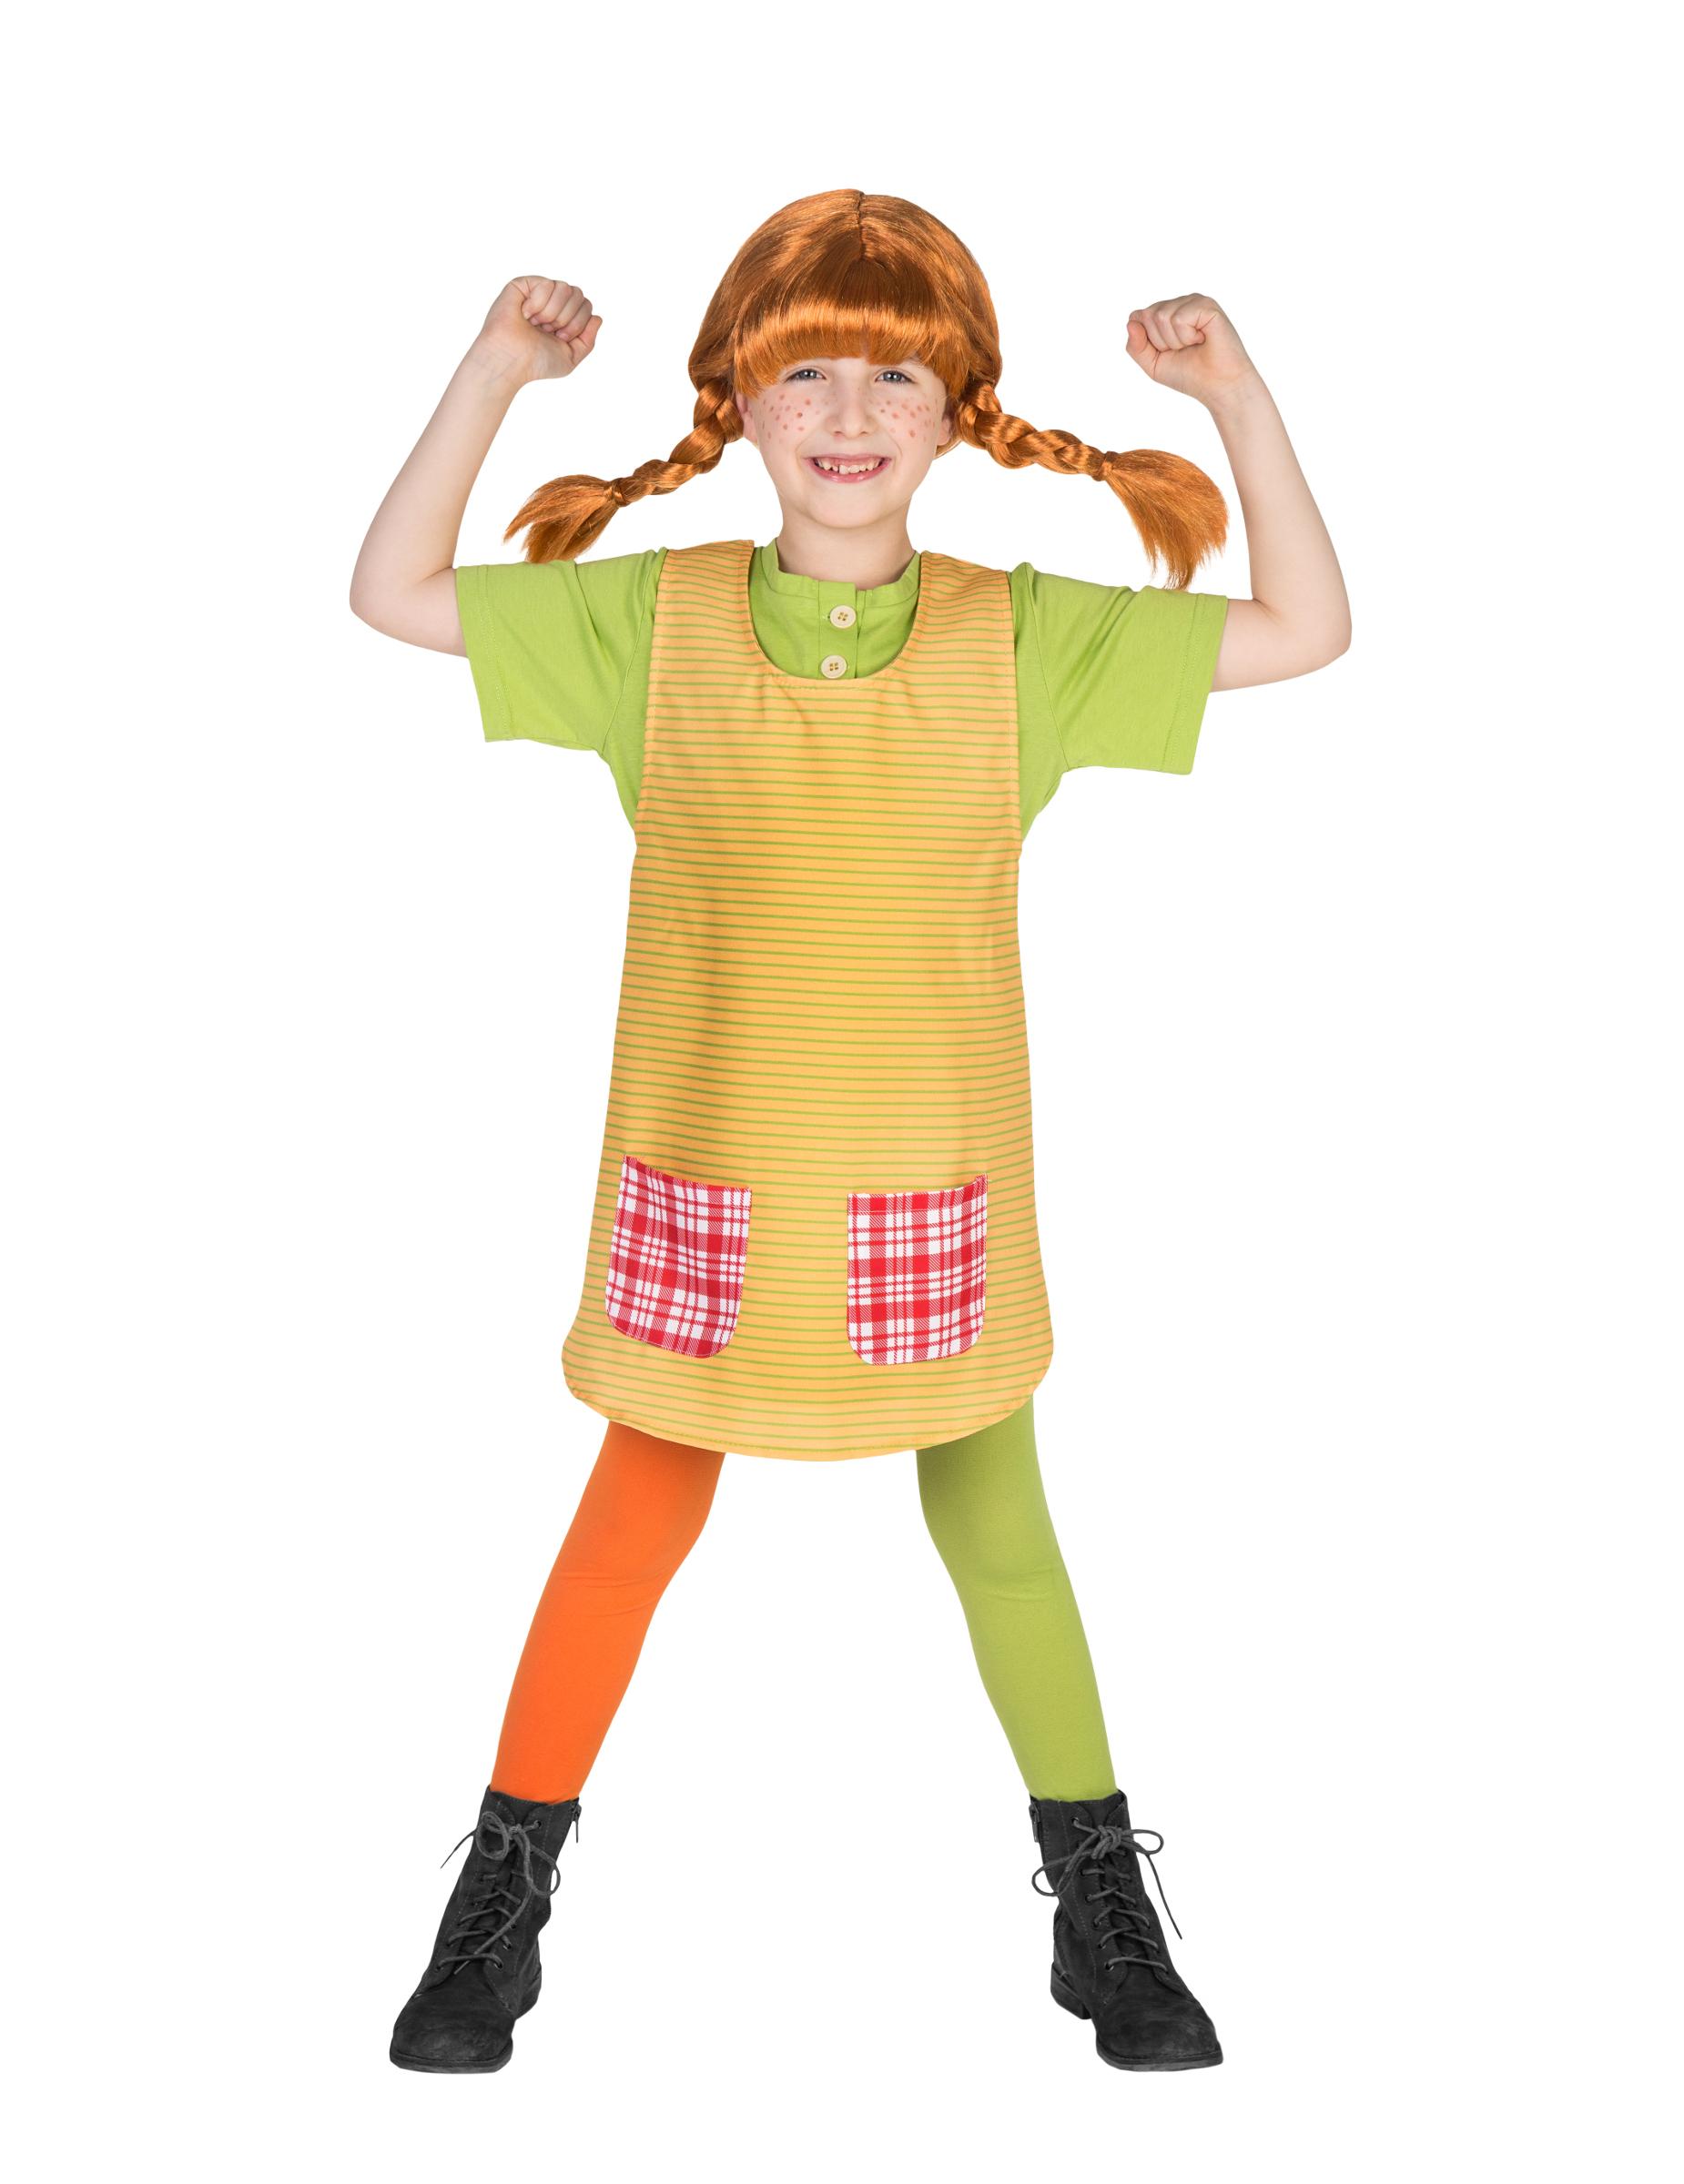 nl Verkleedkleding Vegaoo Meisjes Pippi Langkous™ Voor vn0Nw8m